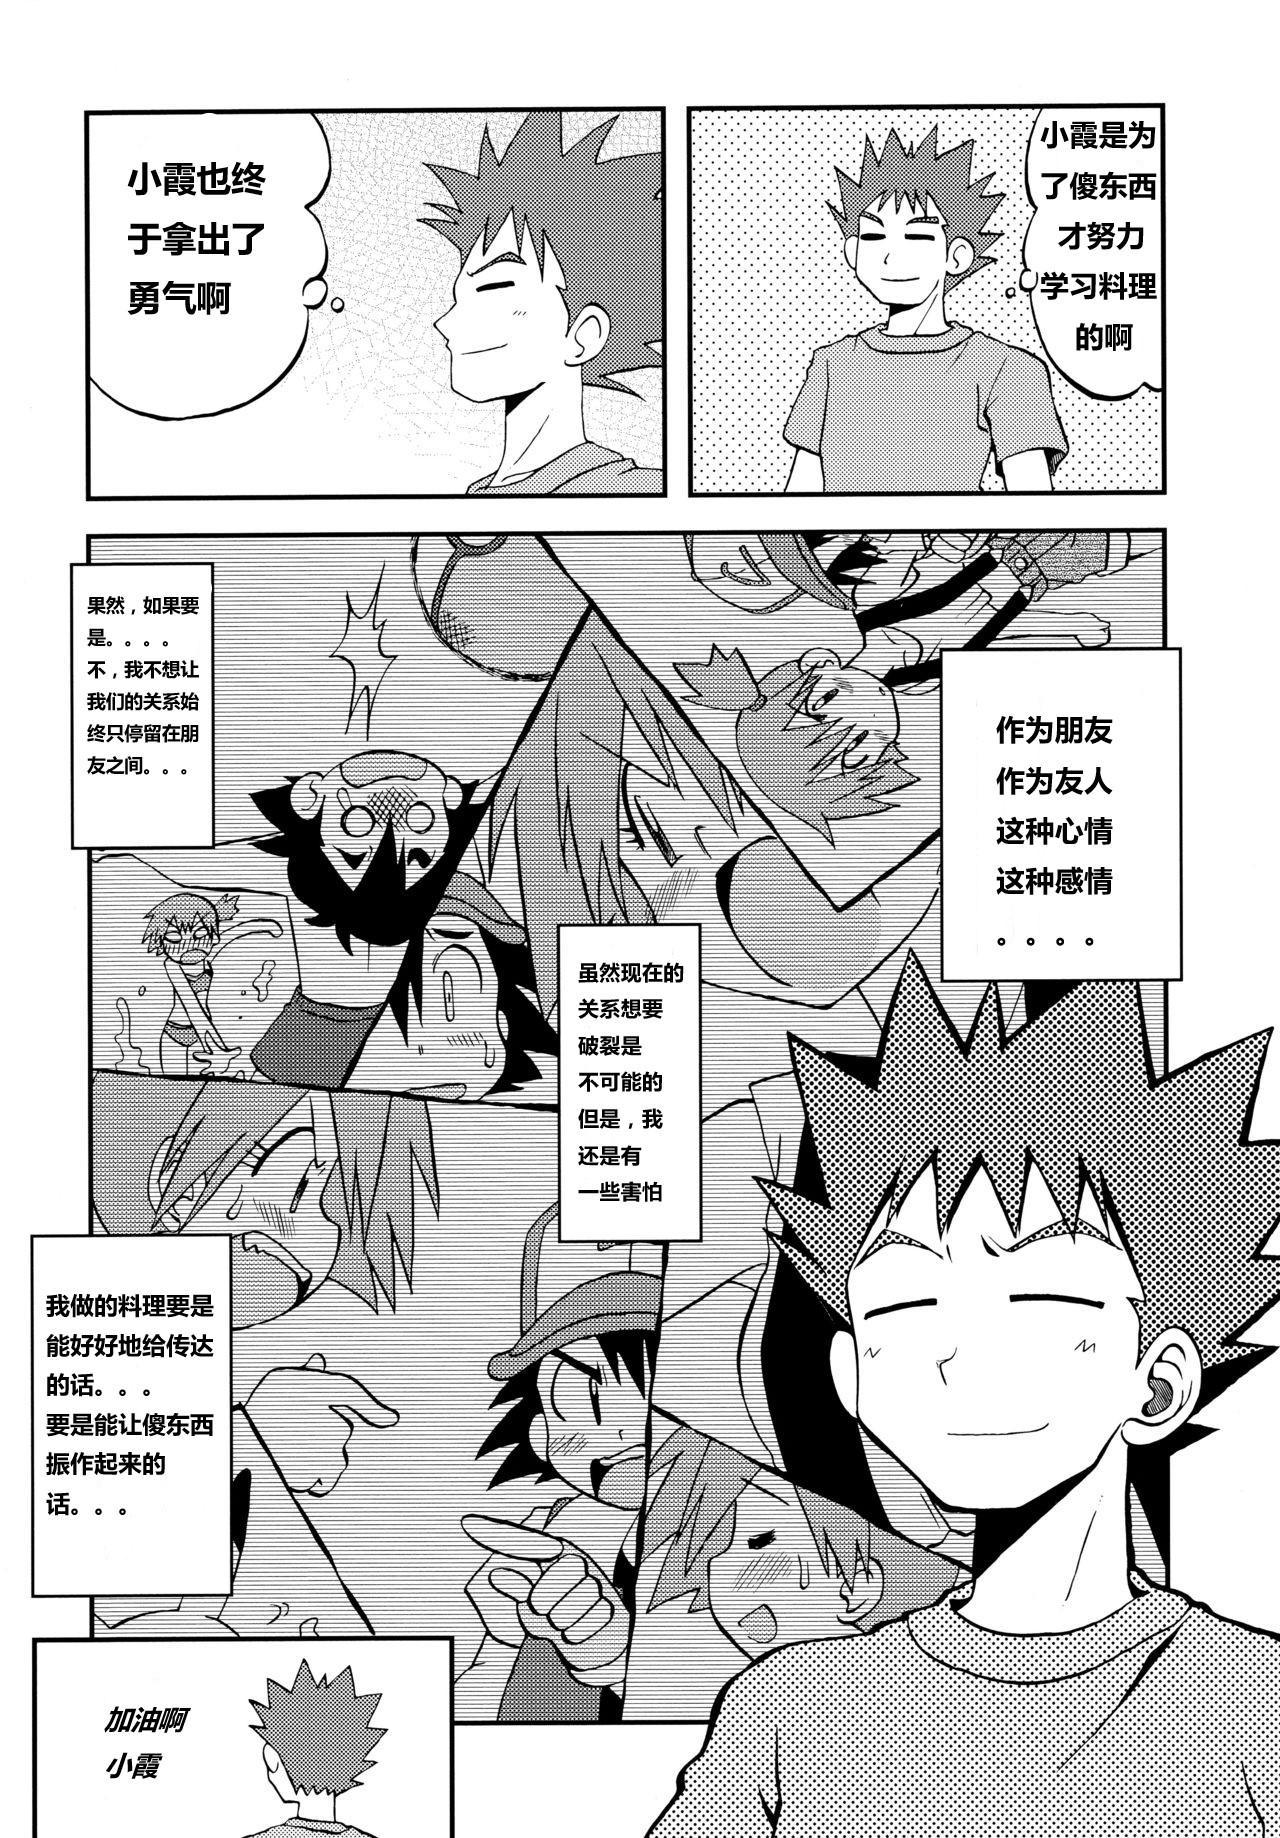 Kieteshimai souna Yume kotobanisureba 4